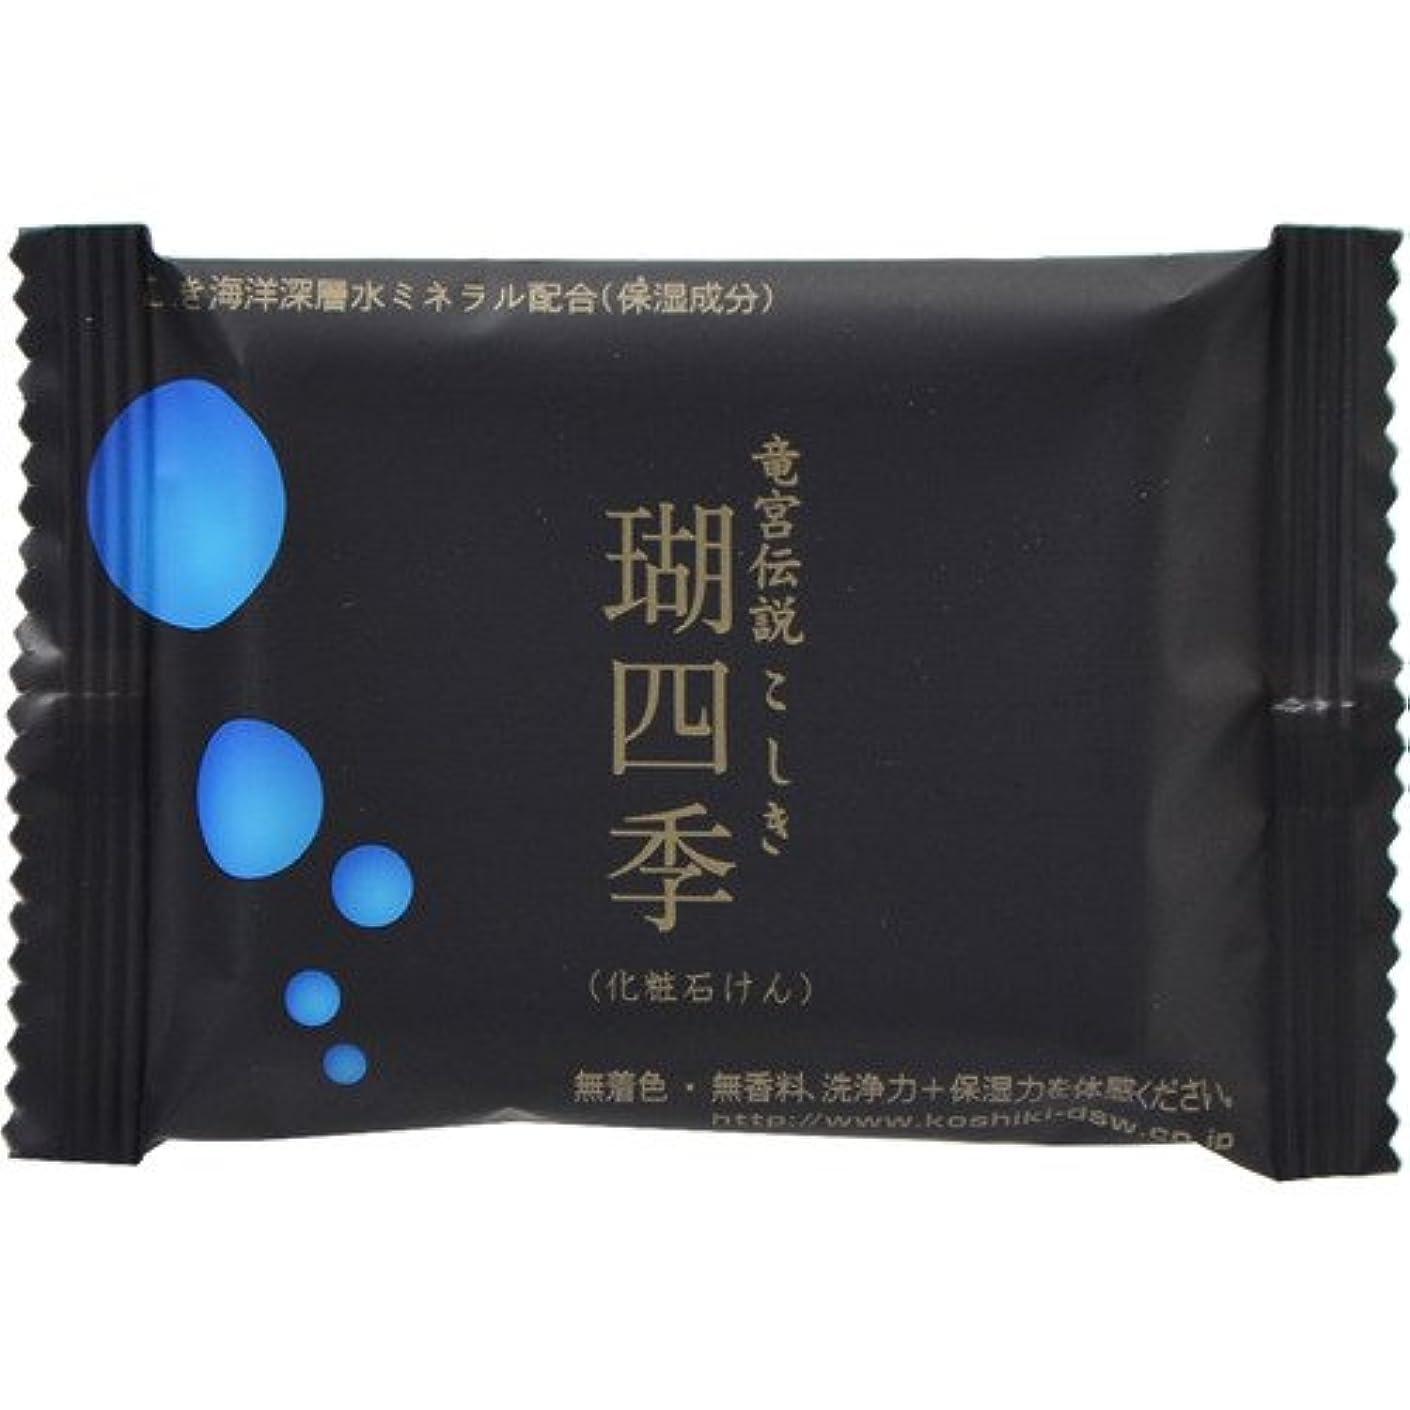 破壊する何故なの成熟瑚四季 化粧石鹸 30g